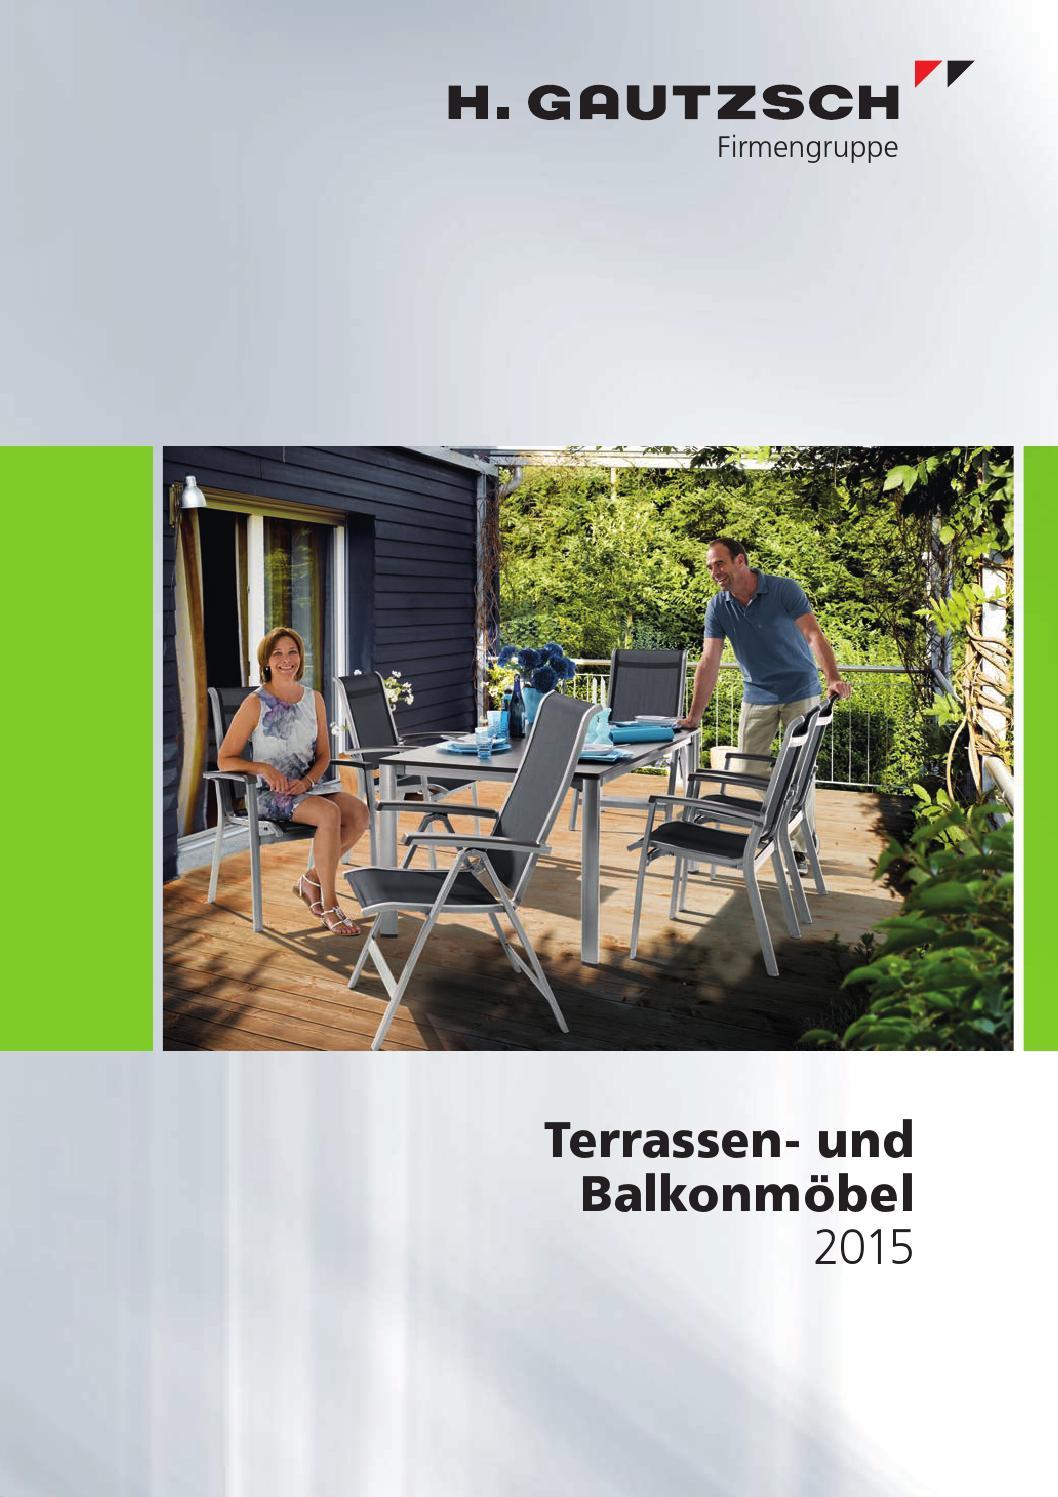 Gautzsch Gartenmöbel | My blog